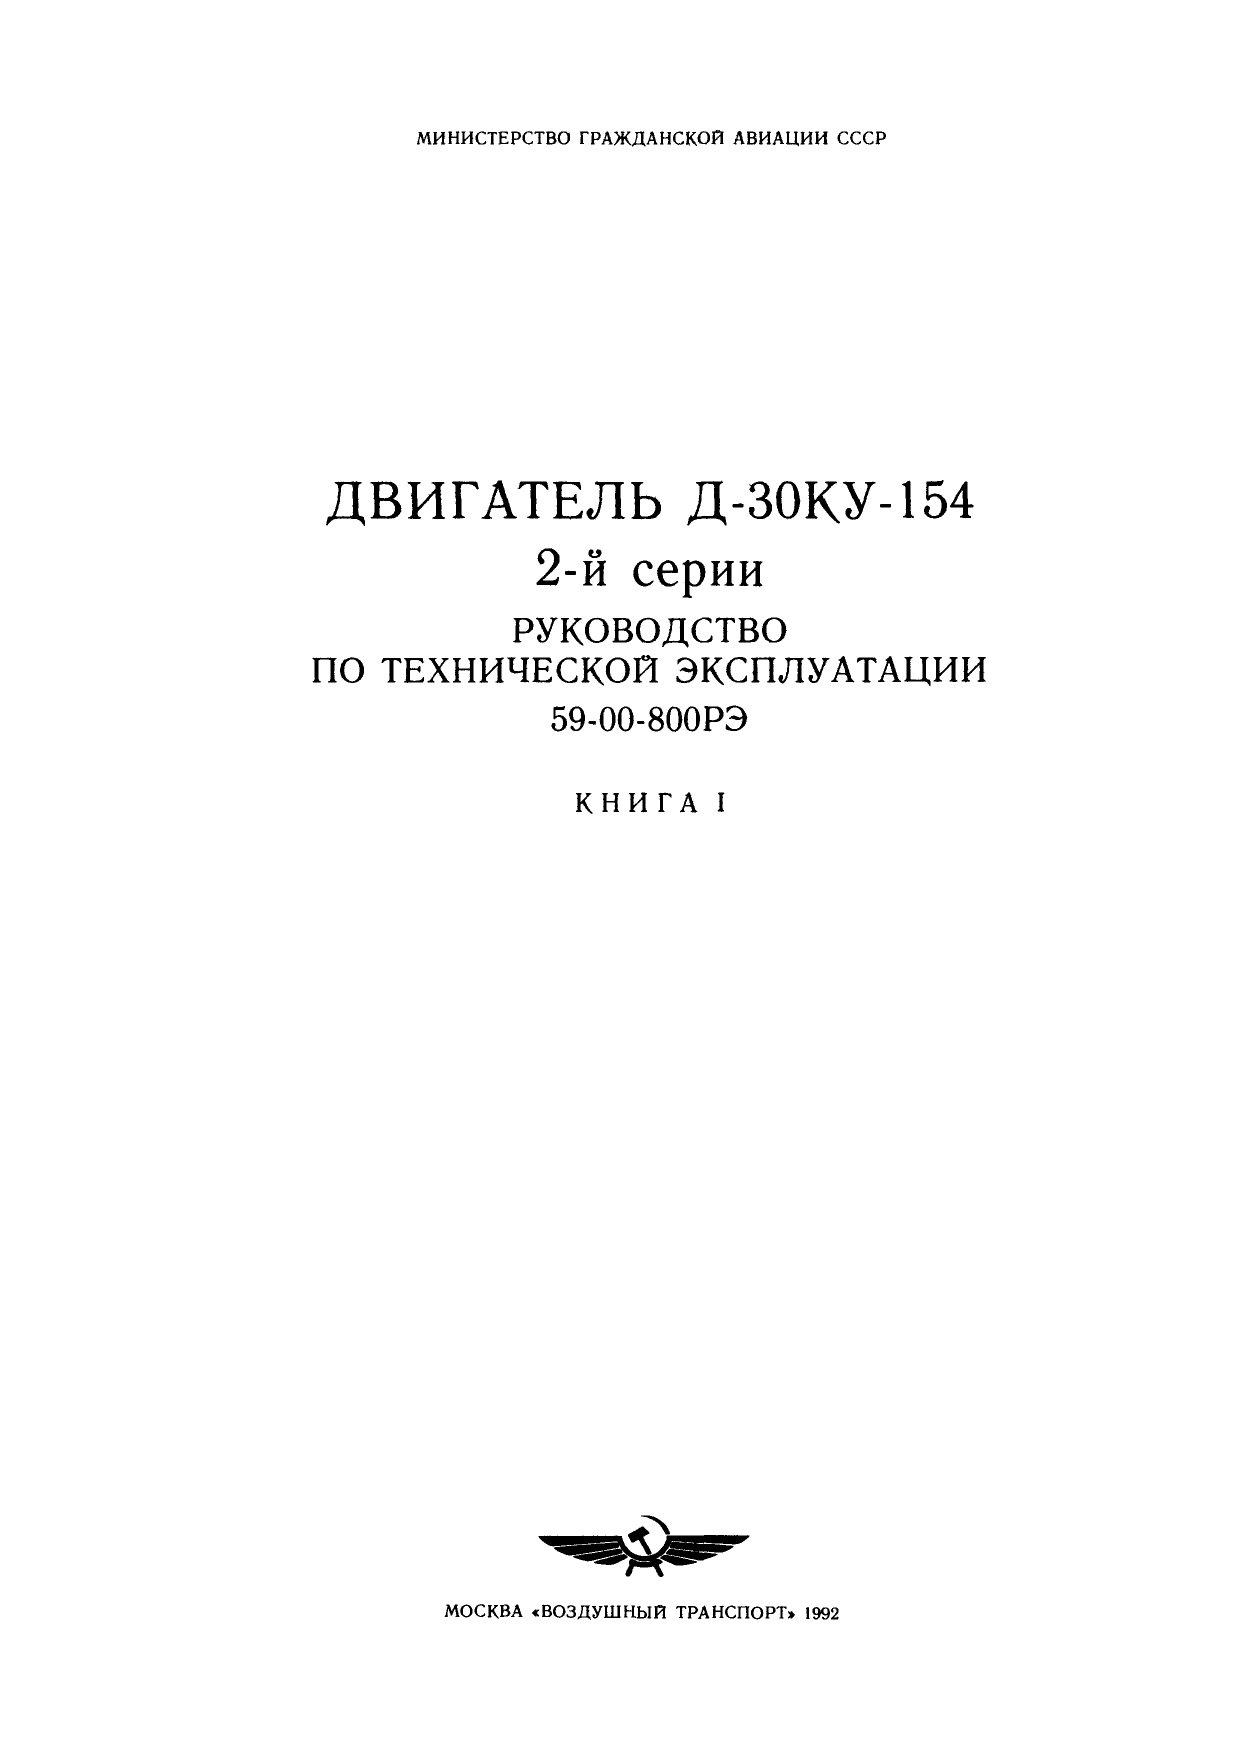 Двигатель Д-30КУ-154 2й серии. Руководство по технической эксплуатации. Книга 1